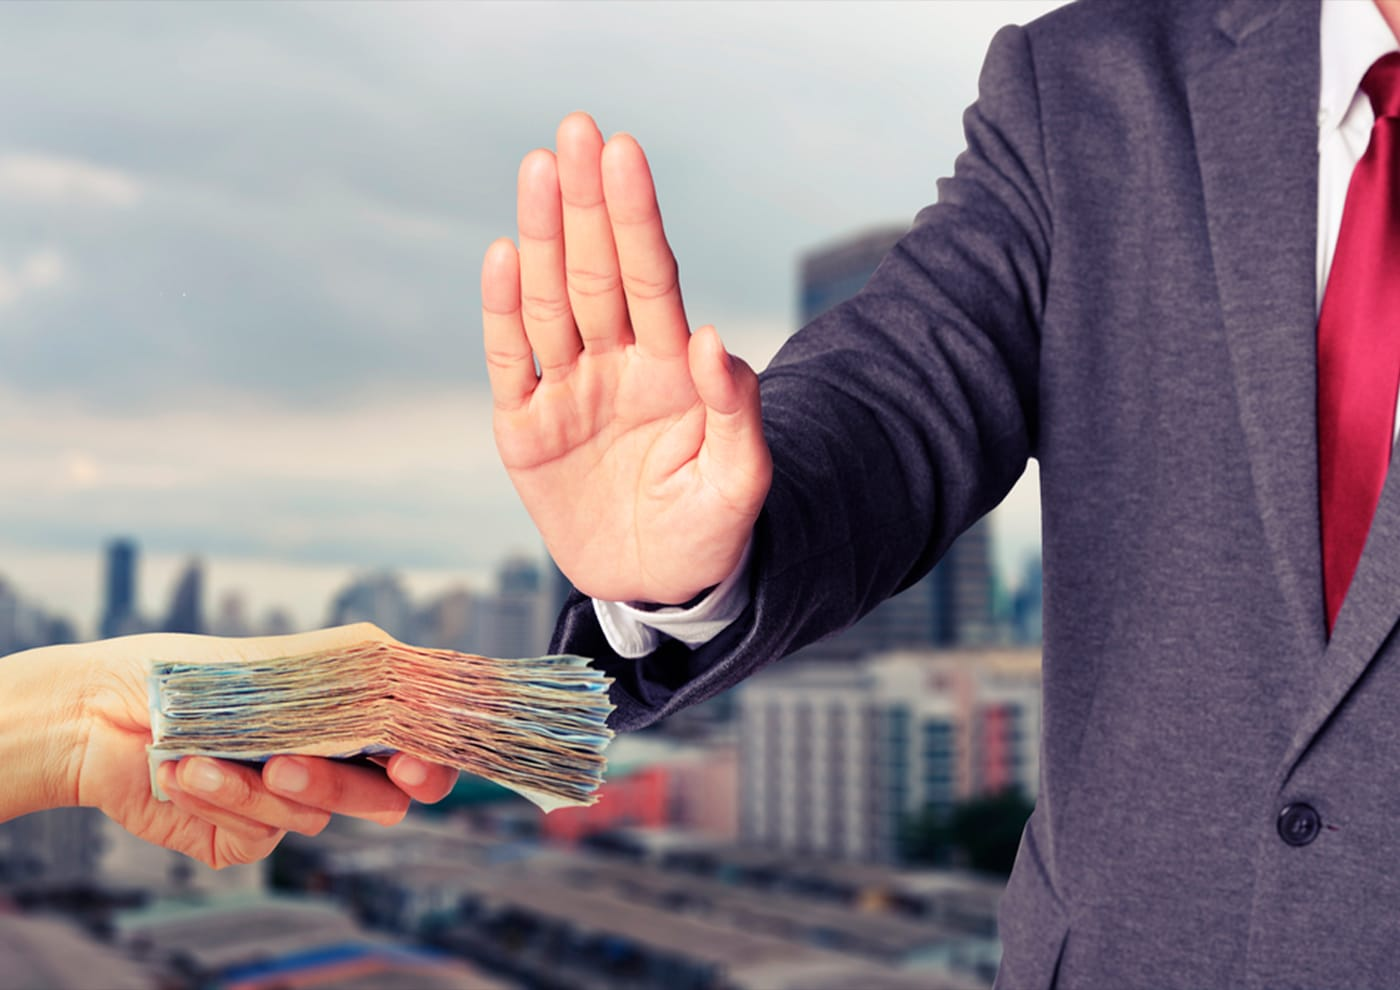 Ética organizacional: ¿Cómo evitar la corrupción en las empresas?